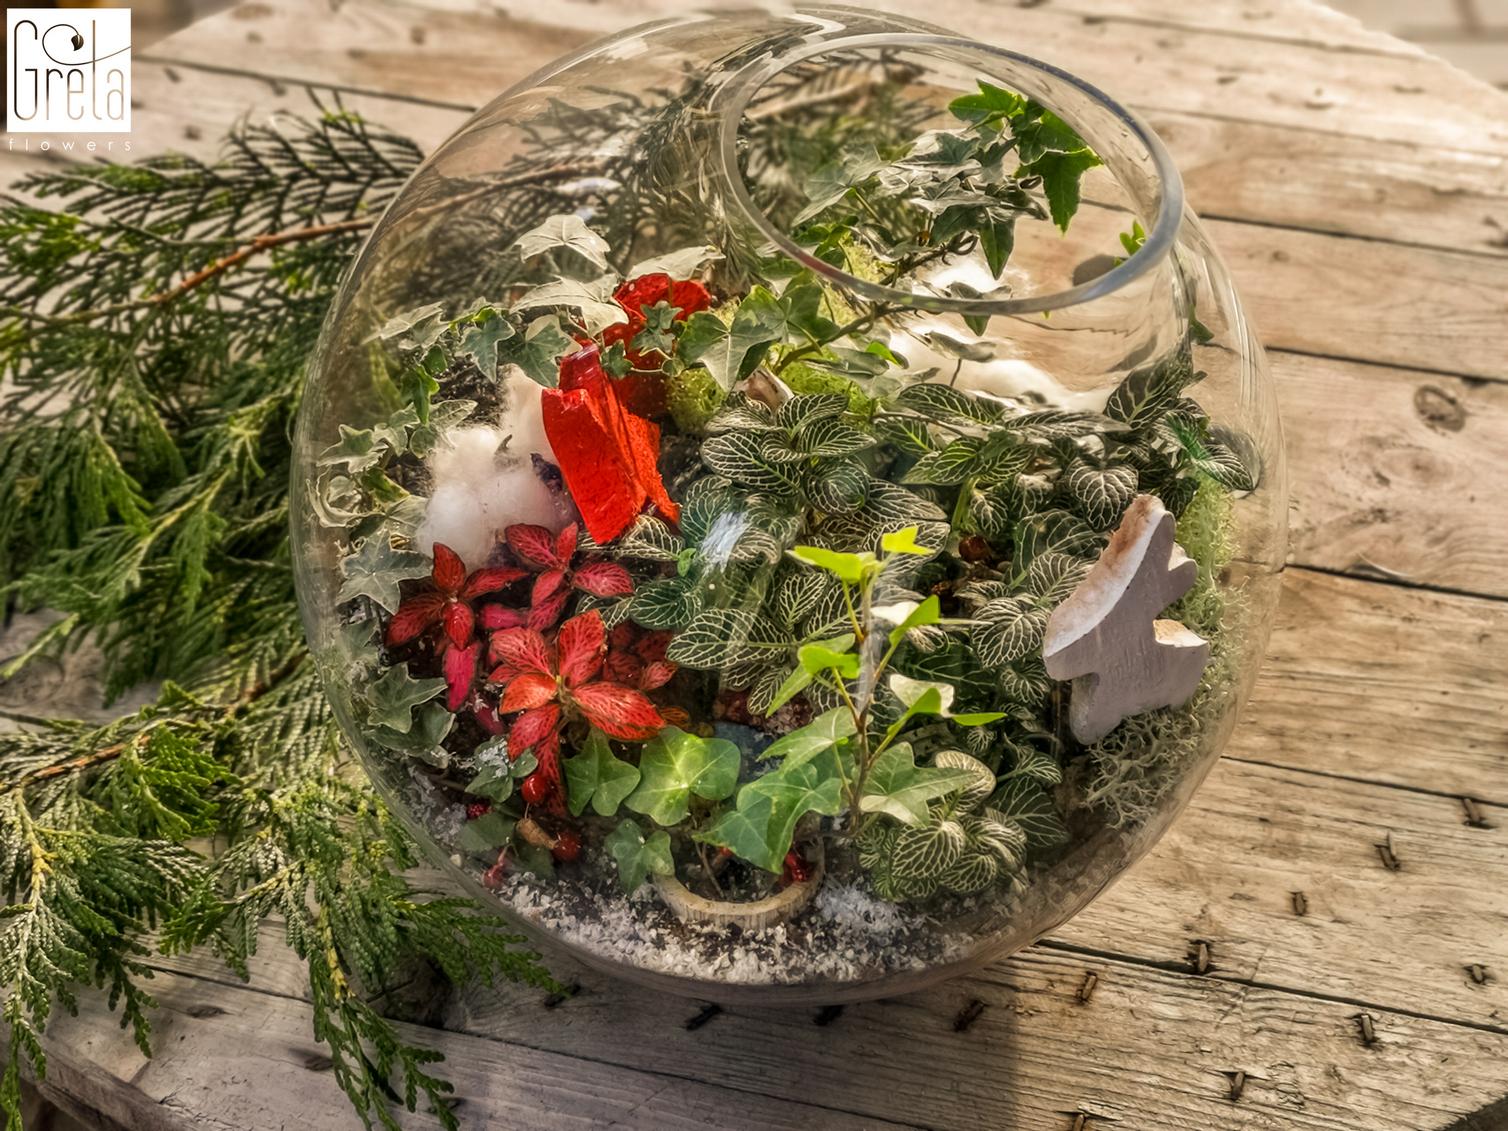 Świąteczny las w słoiku, czyli oryginalne dekoracje i pomysł na prezent